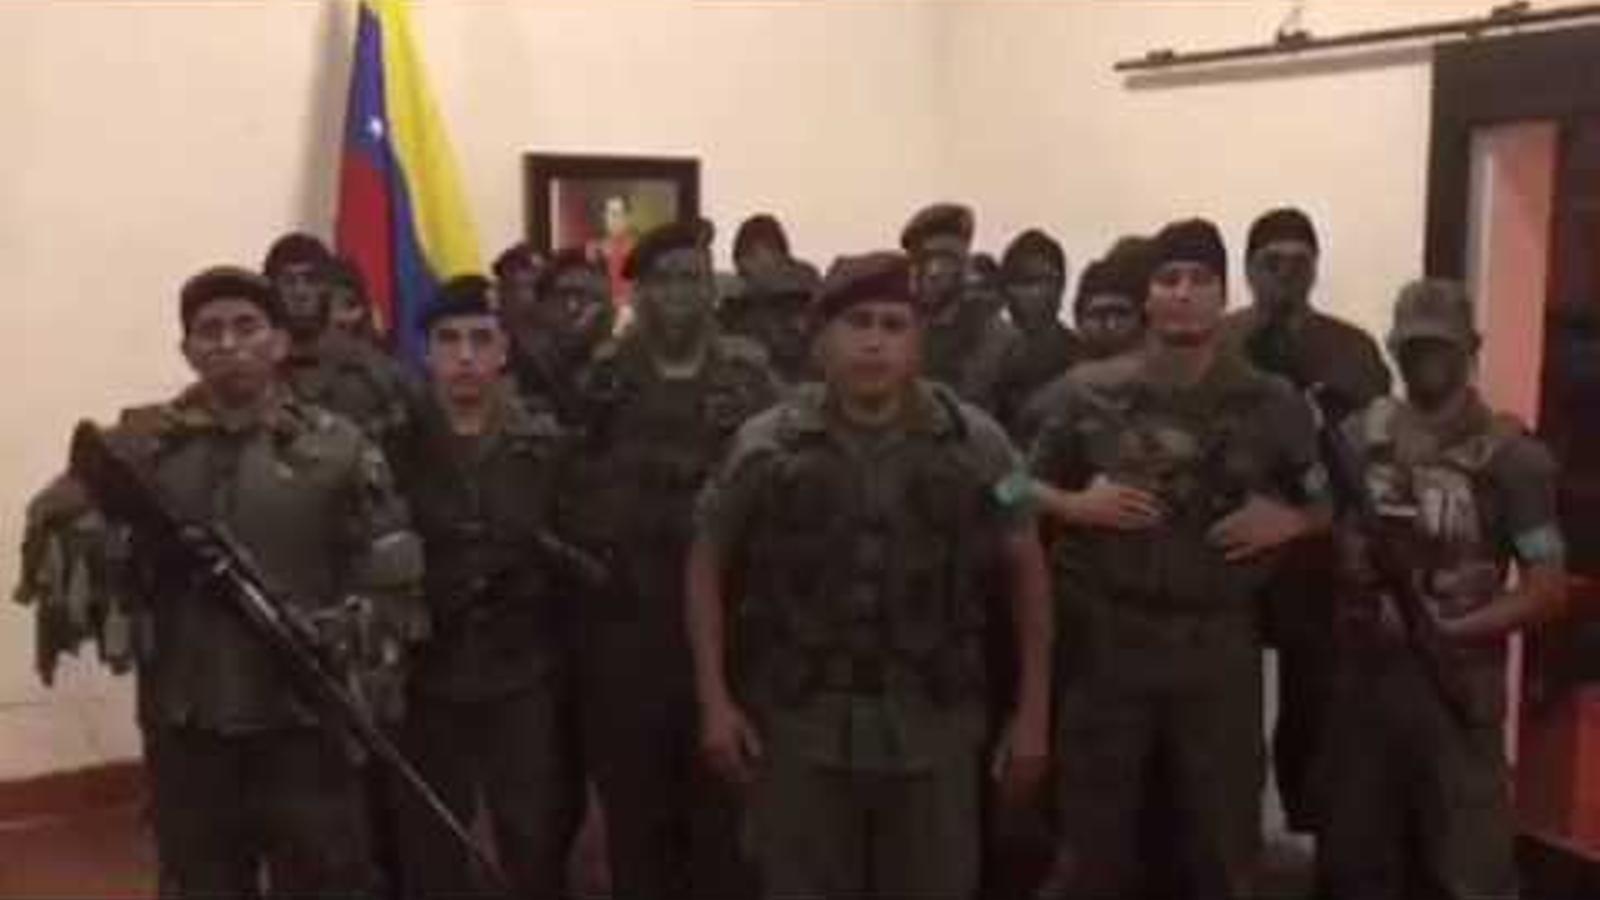 El comandant del grup militar que s'ha revelat contra el govern de Maduro aquest matí ha explicat els motius de l'alçament